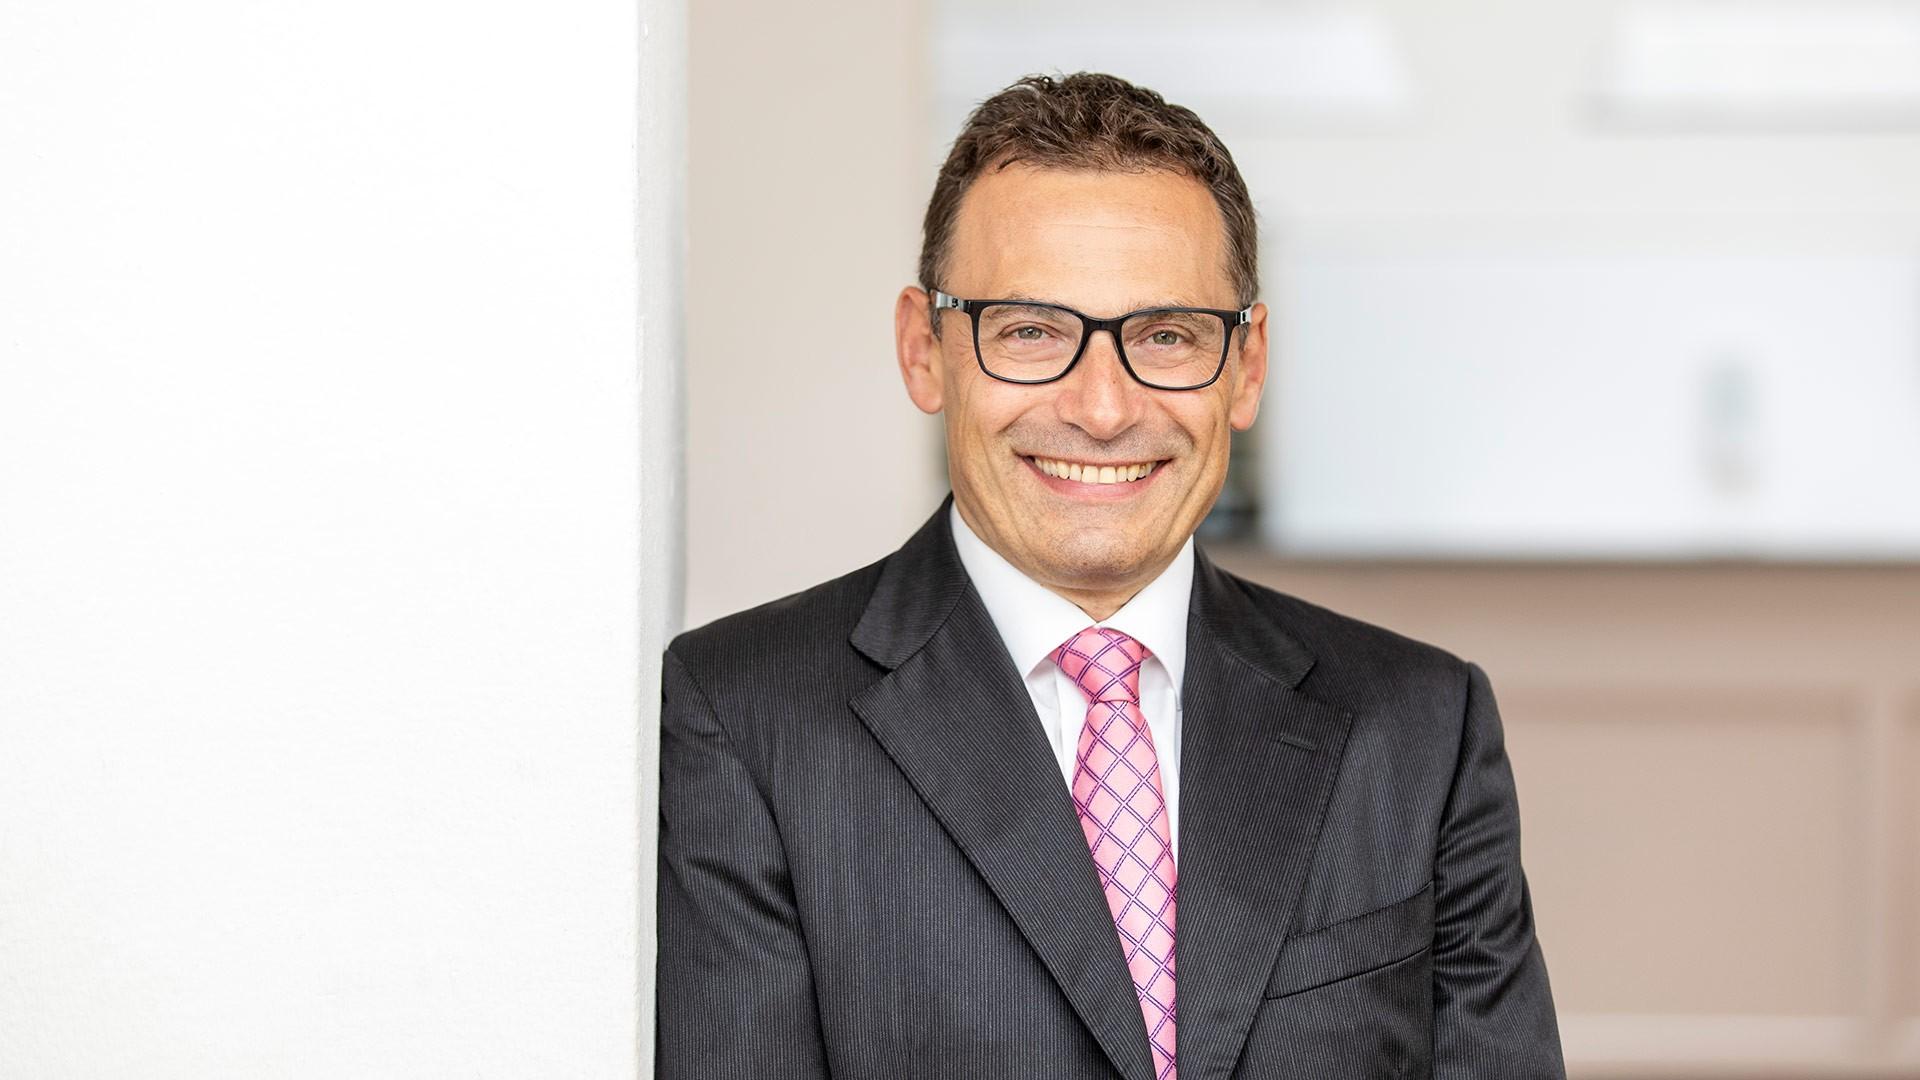 Patrick Freudiger über den finanziellen Nutzen eines Executive Coachings